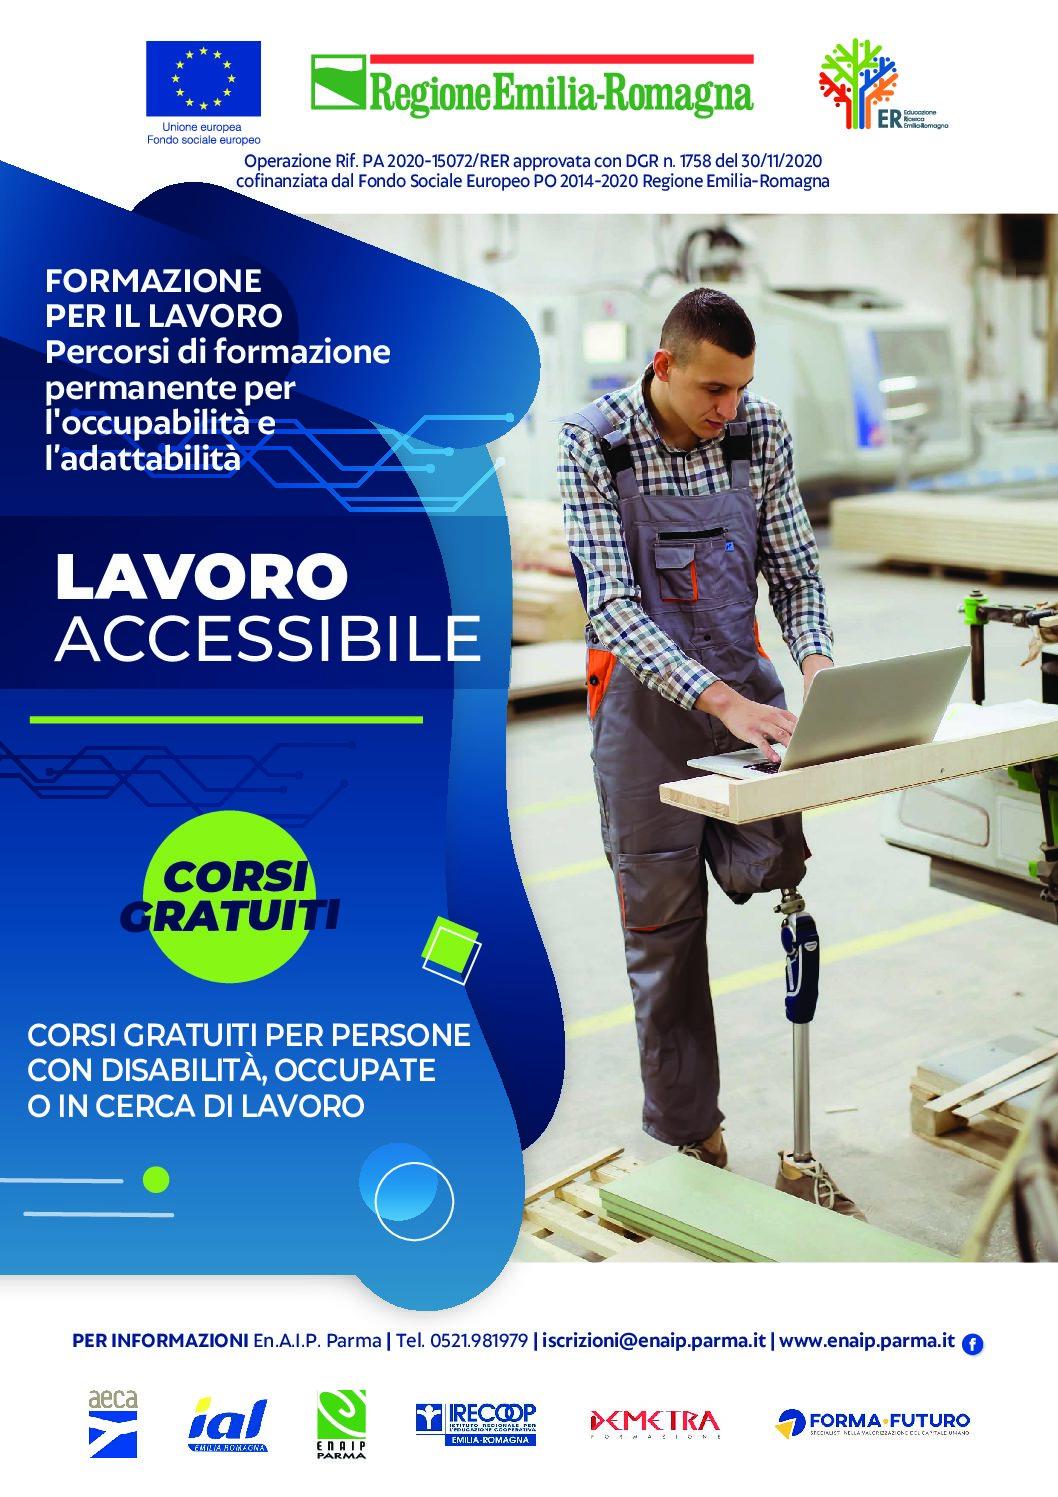 Percorsi di formazione permanente per l'occupabilità e l'adattabilità – ambito territoriale Parma